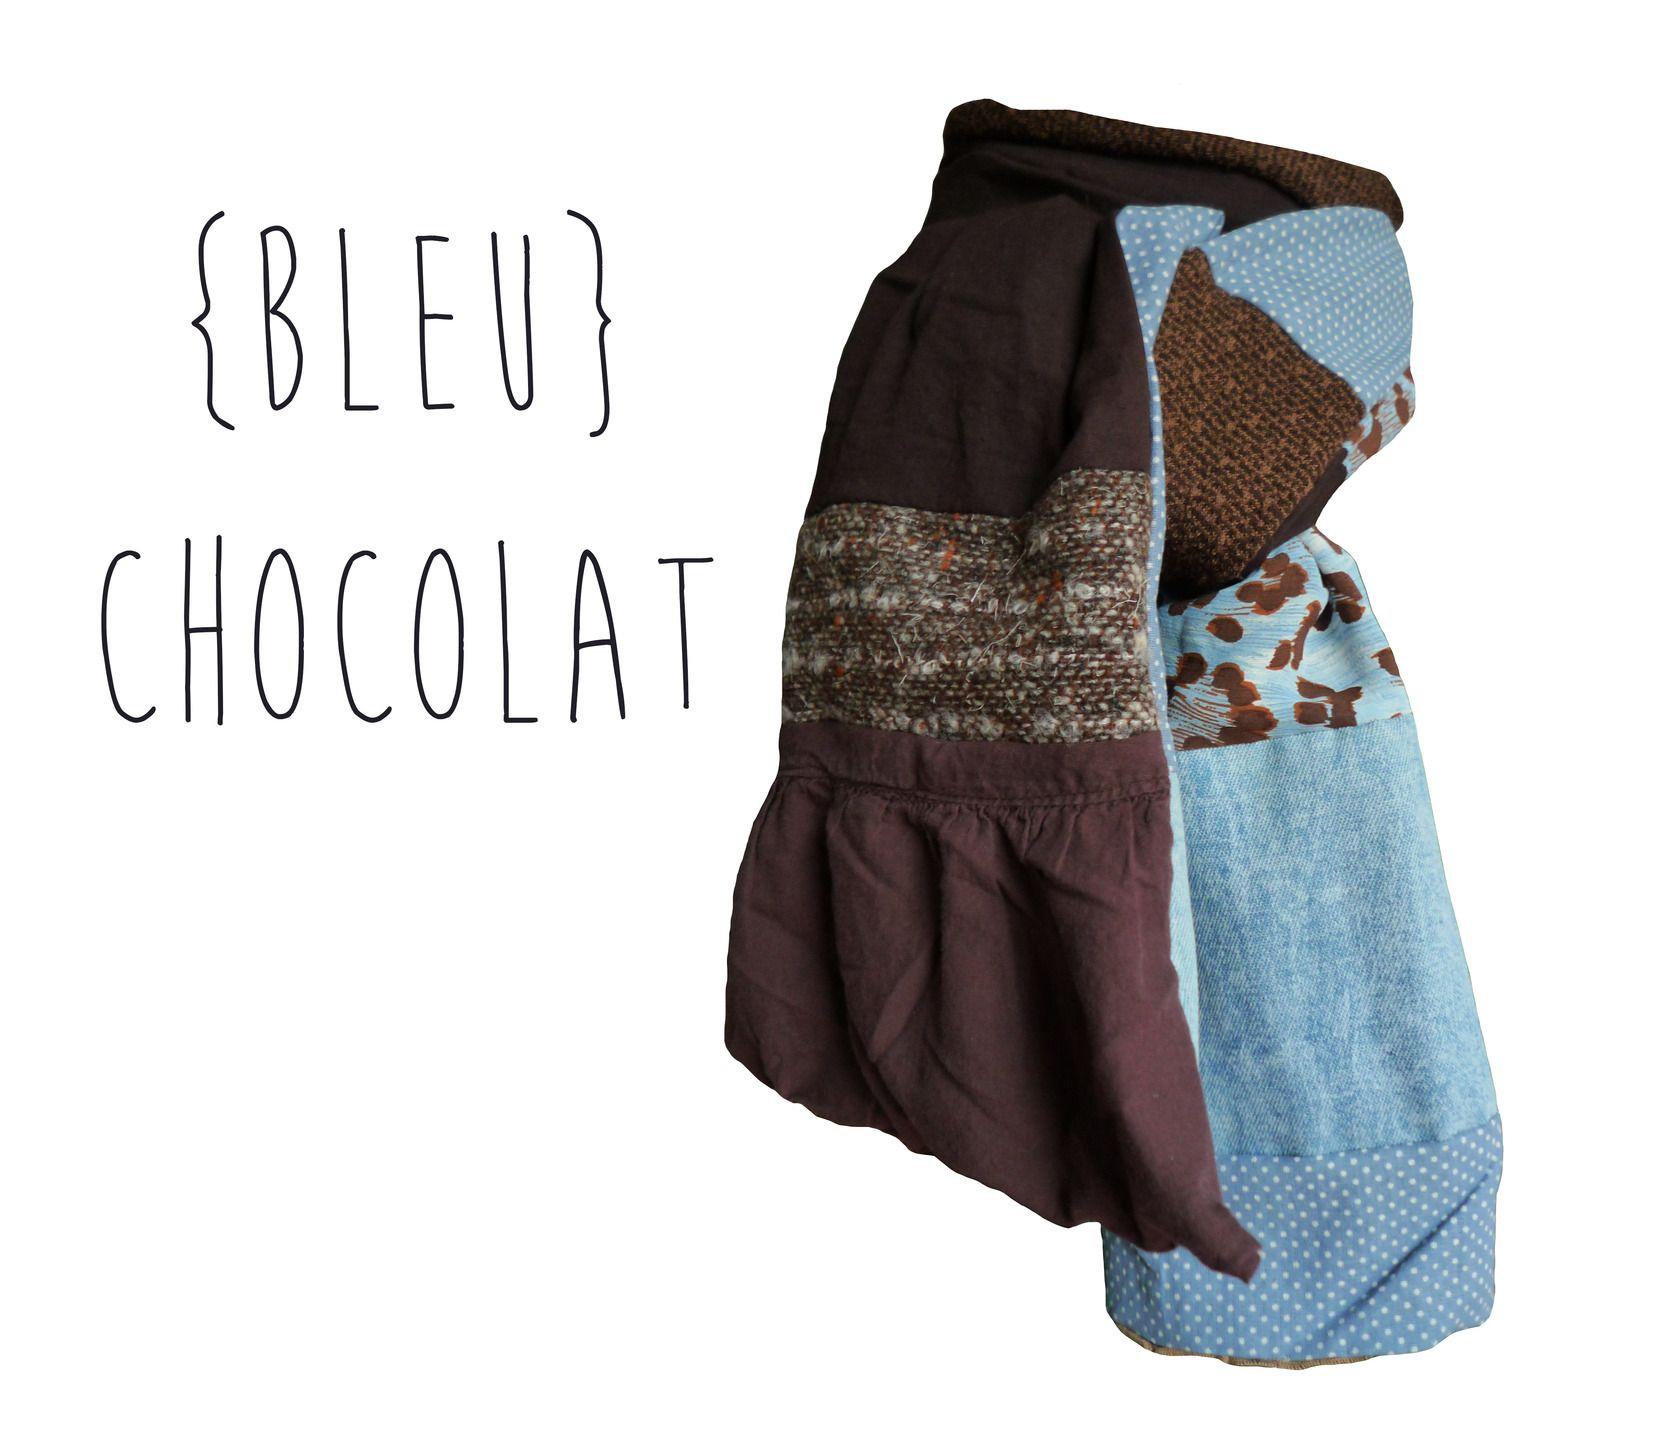 Echarpe Pure Laine Coton automne hiver chocolat bleu pois léopard Modèle  Unique   Echarpe, foulard, cravate par lefil ea088e72f16